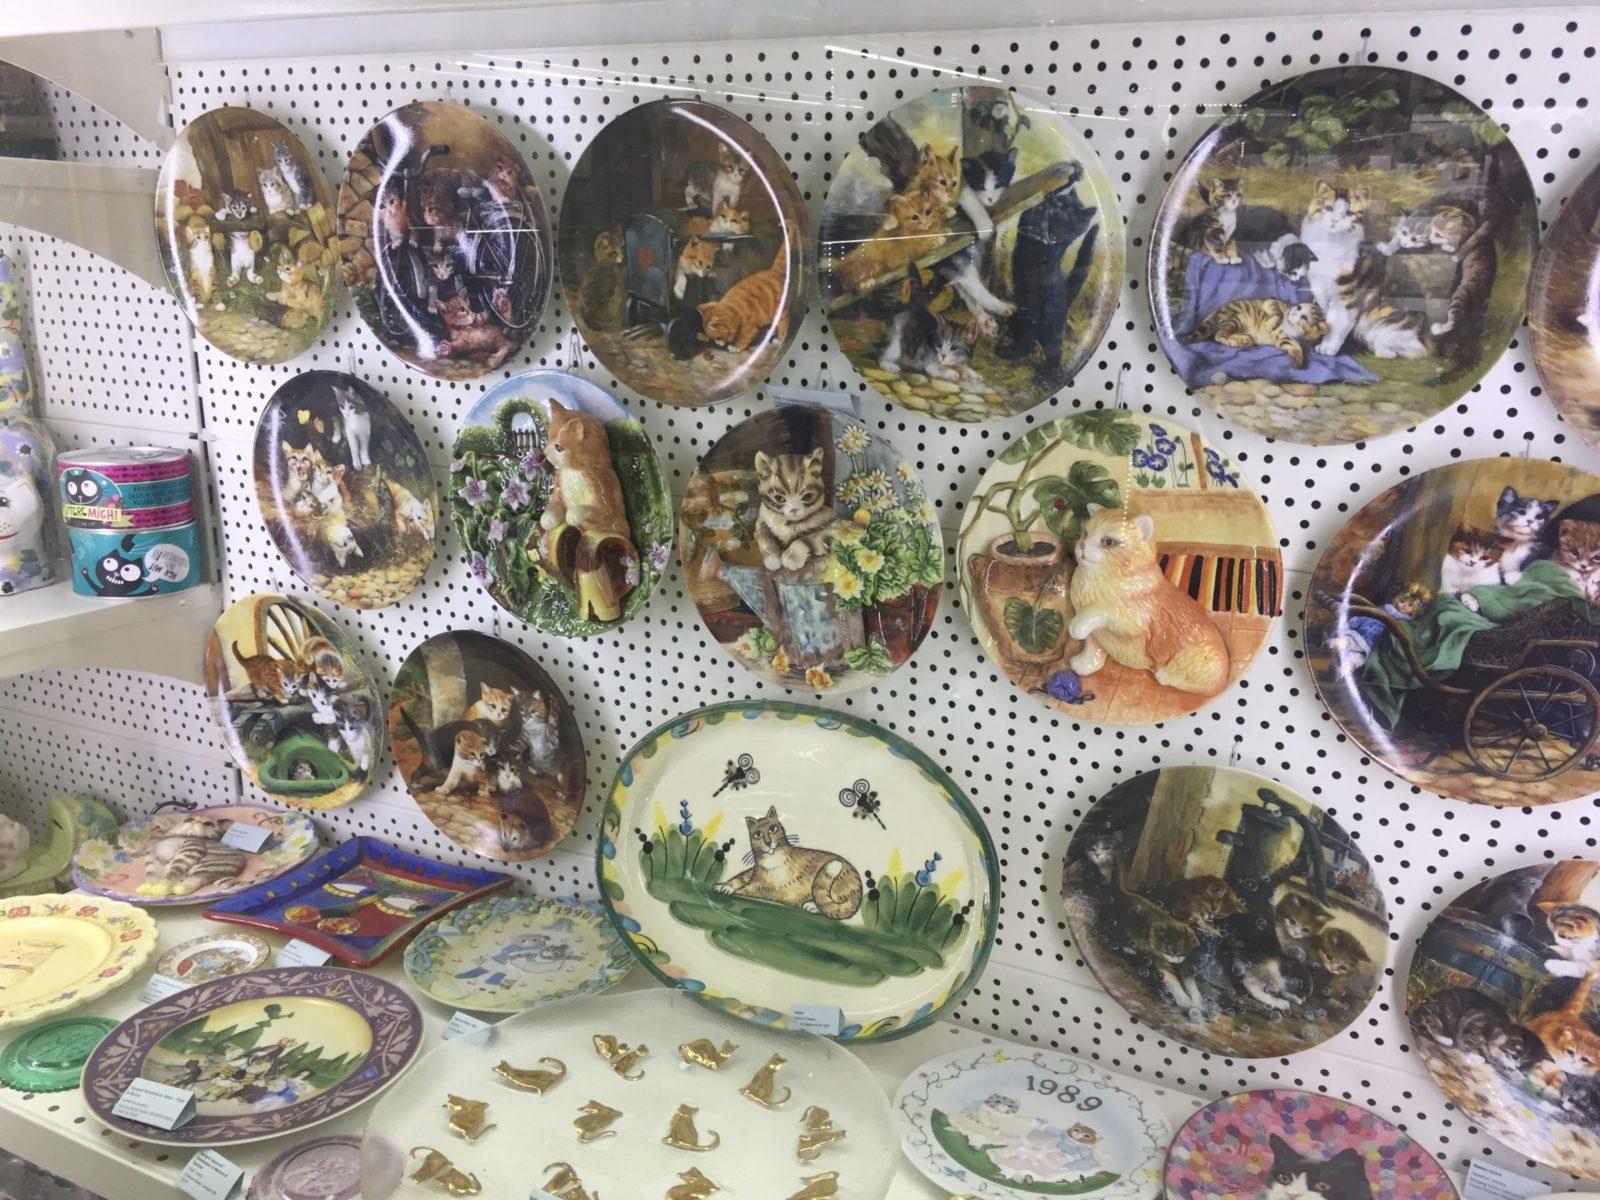 Тарелки для календаря с изображением котов. Фото: Ирина КОМИК